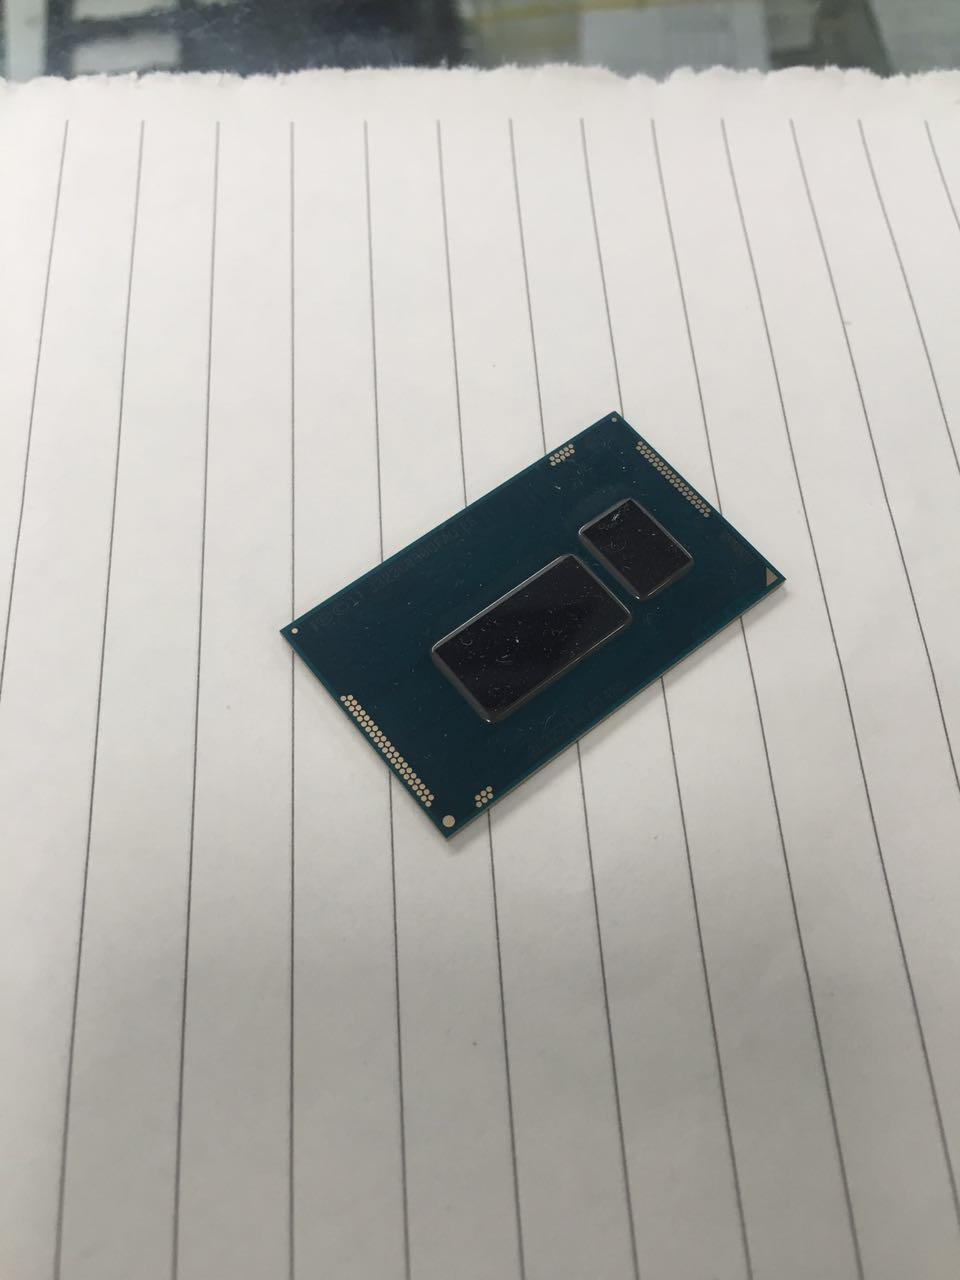 深圳专业出售SR1EB I7-4510U INTEL英特尔 笔记本CPU 现货